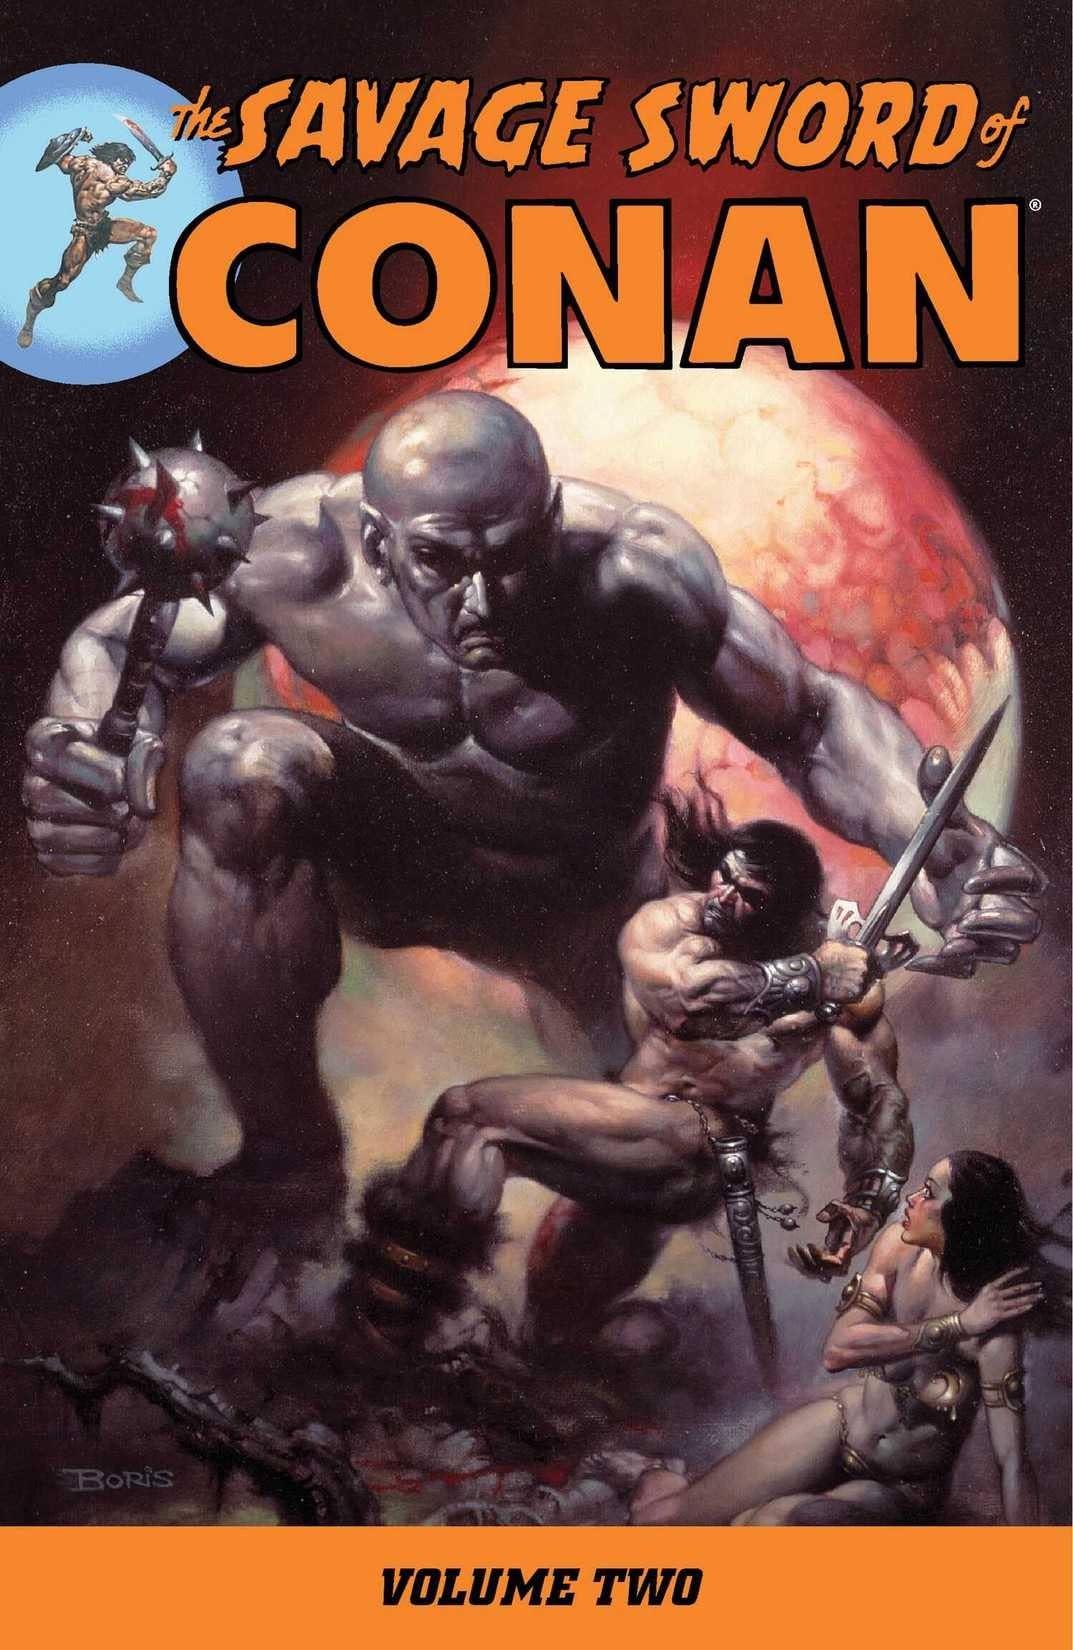 The Savage Sword of Conan Vol. 2